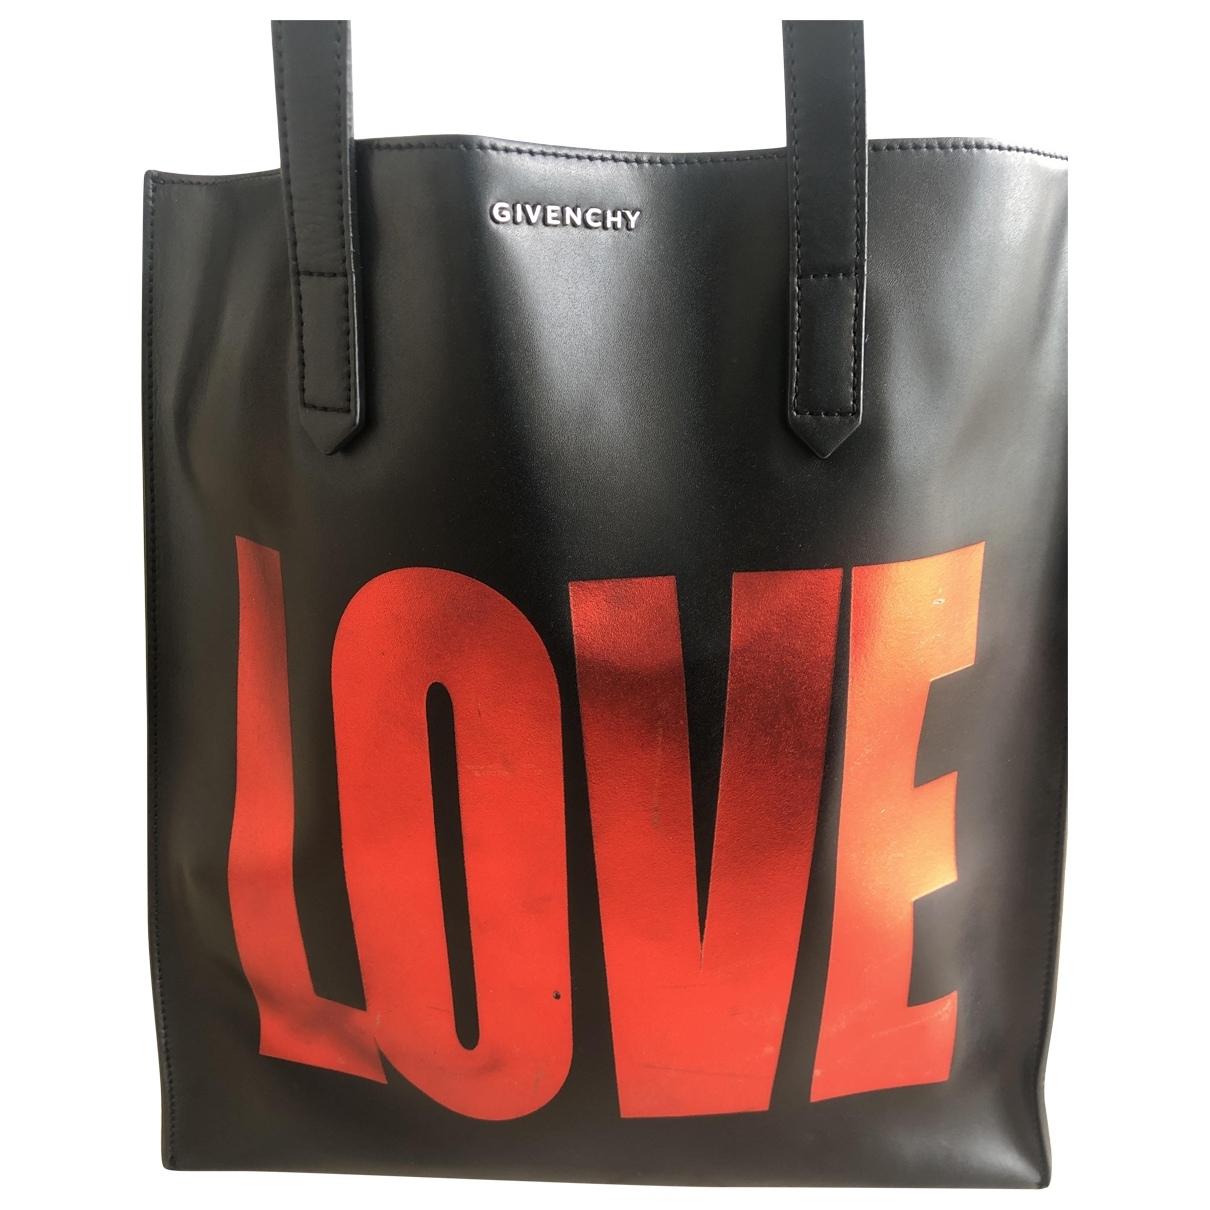 Cabas de Cuero Givenchy